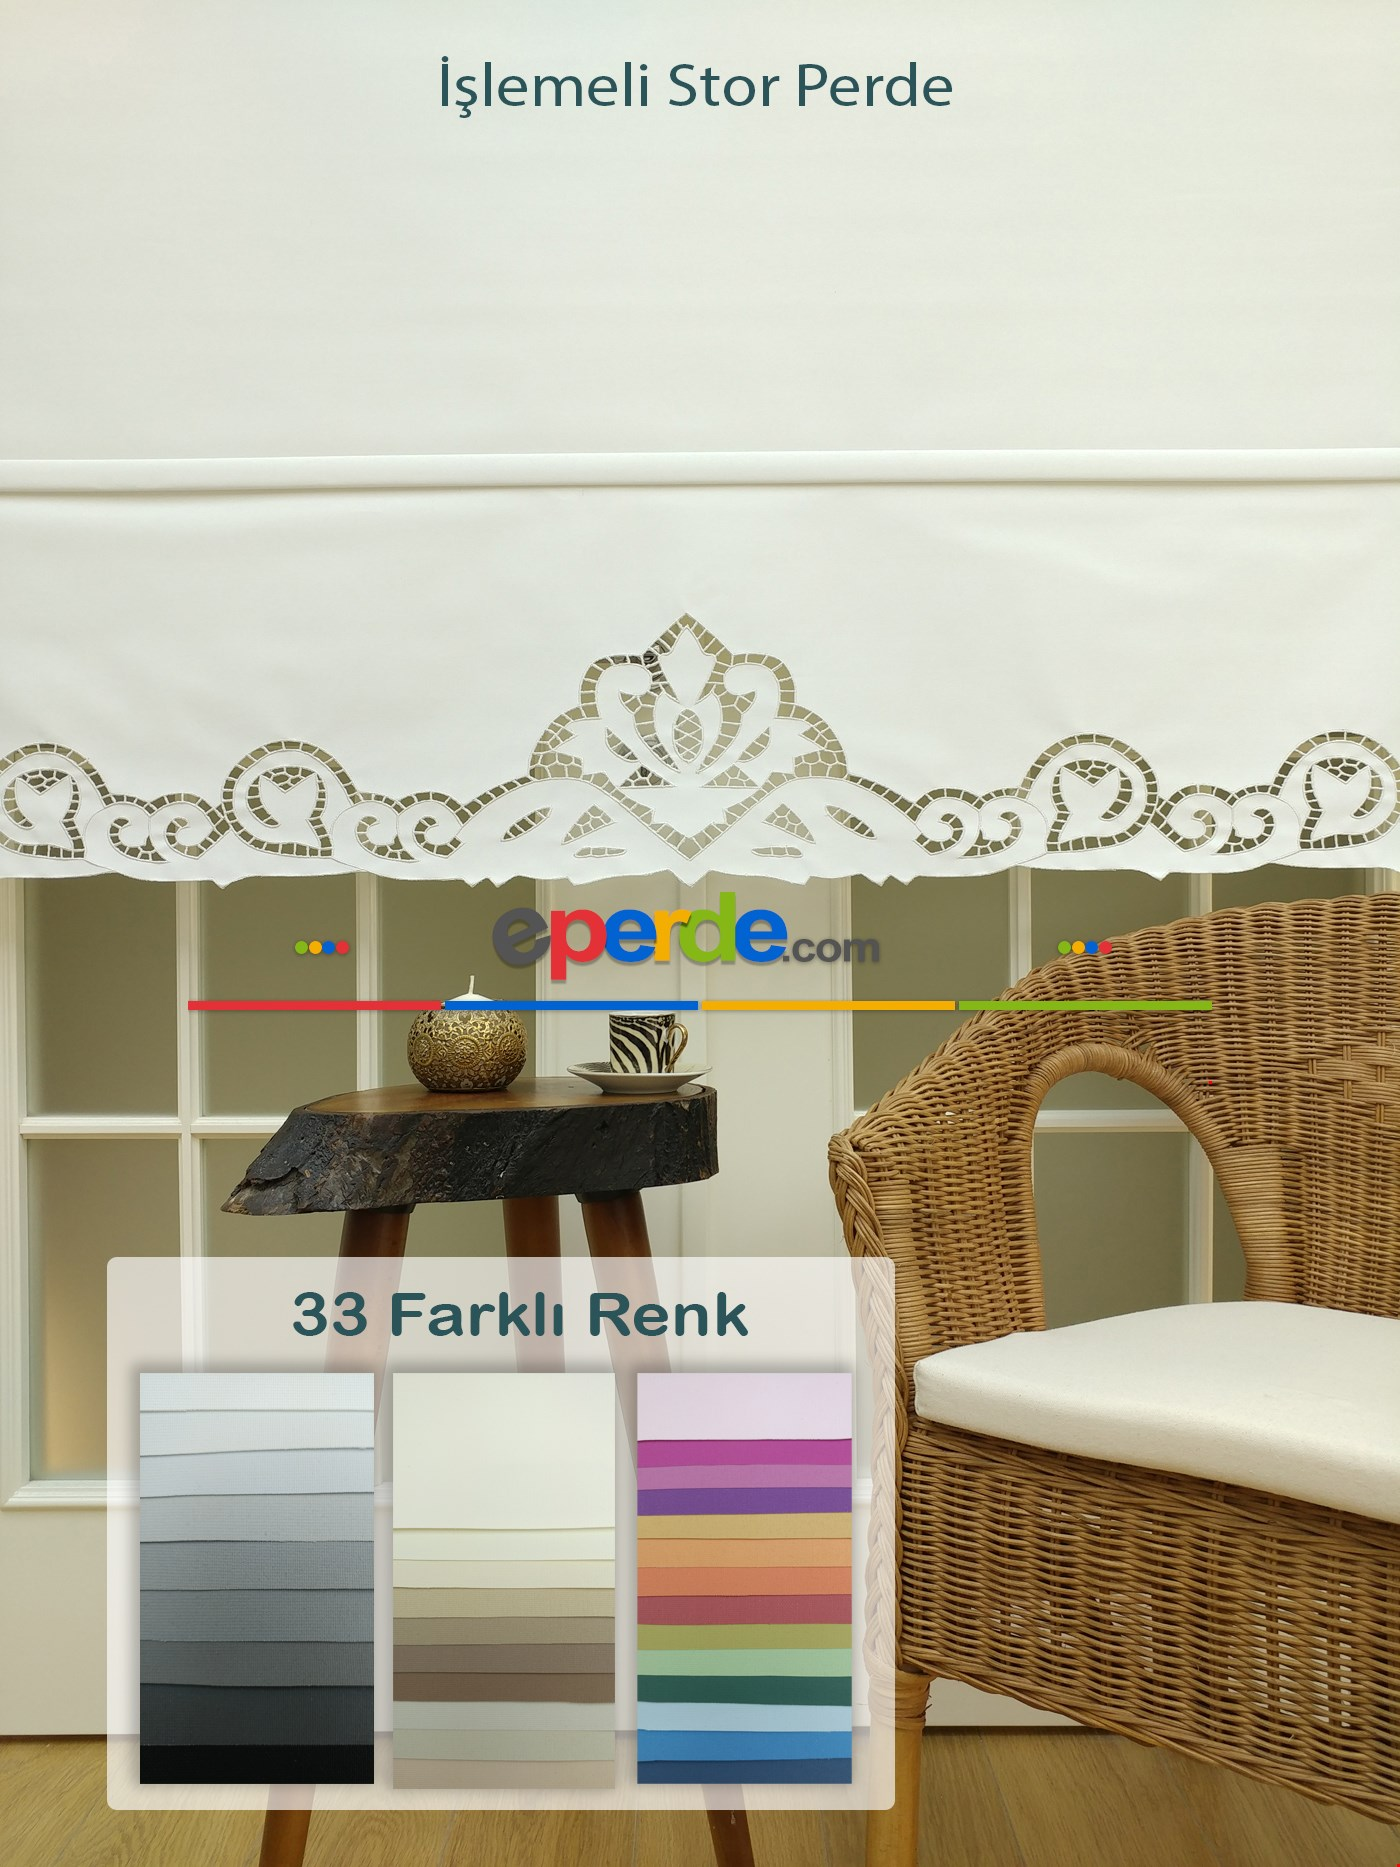 Nakış İşlemeli Stor Perde 33 Farklı Renk Seçeneği Gri - Beyaz - Krem - Ekru - Çok Renkli